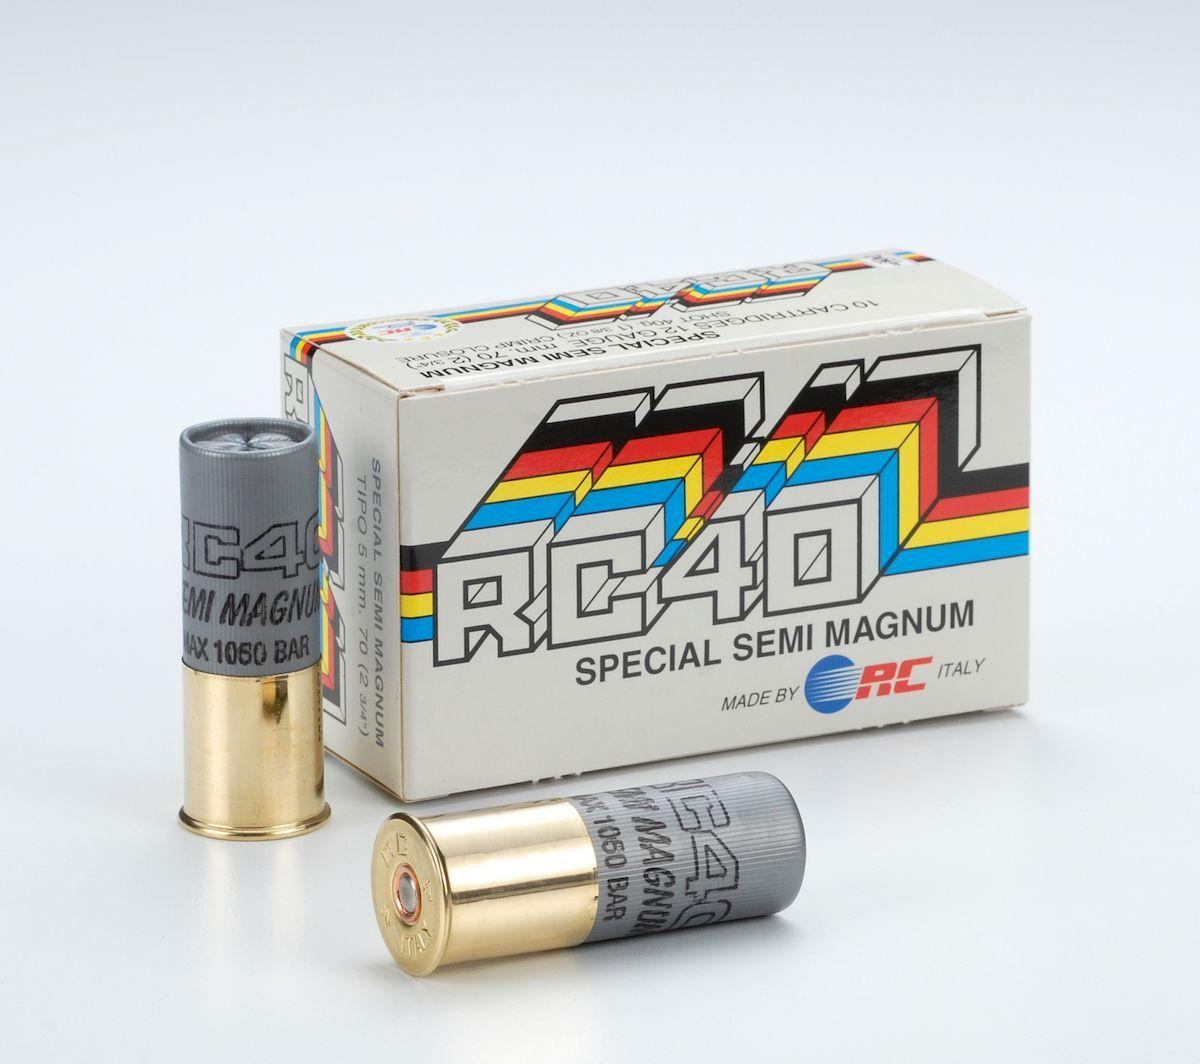 RC 40 Semi Magnum 12/70 40g 2,7mm nro:6